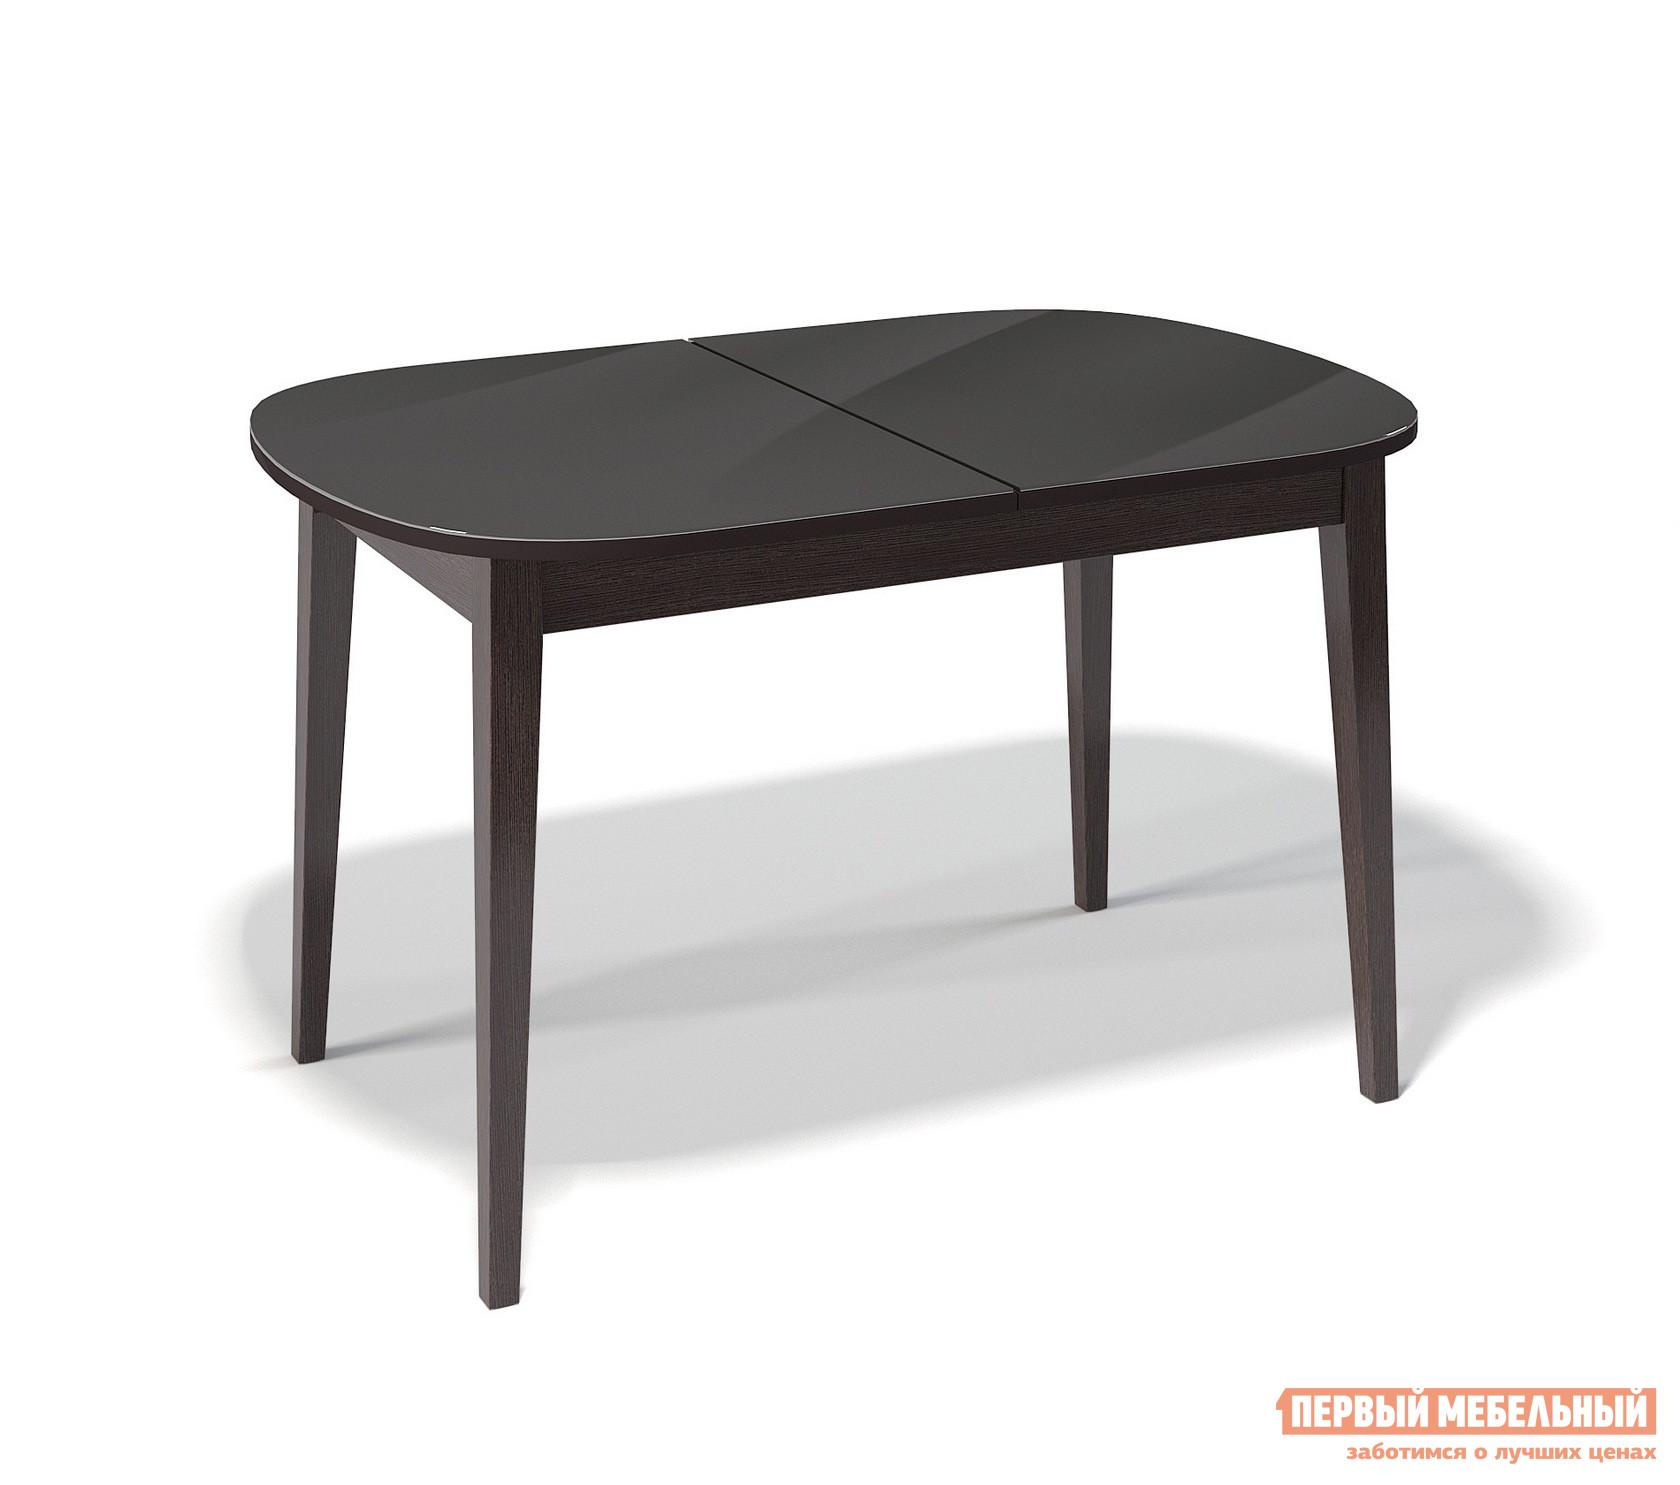 Кухонный стол глянцевый ДИК KENNER 1300М круглый кухонный стол глянцевый дик kenner 1000с венге стекло черное